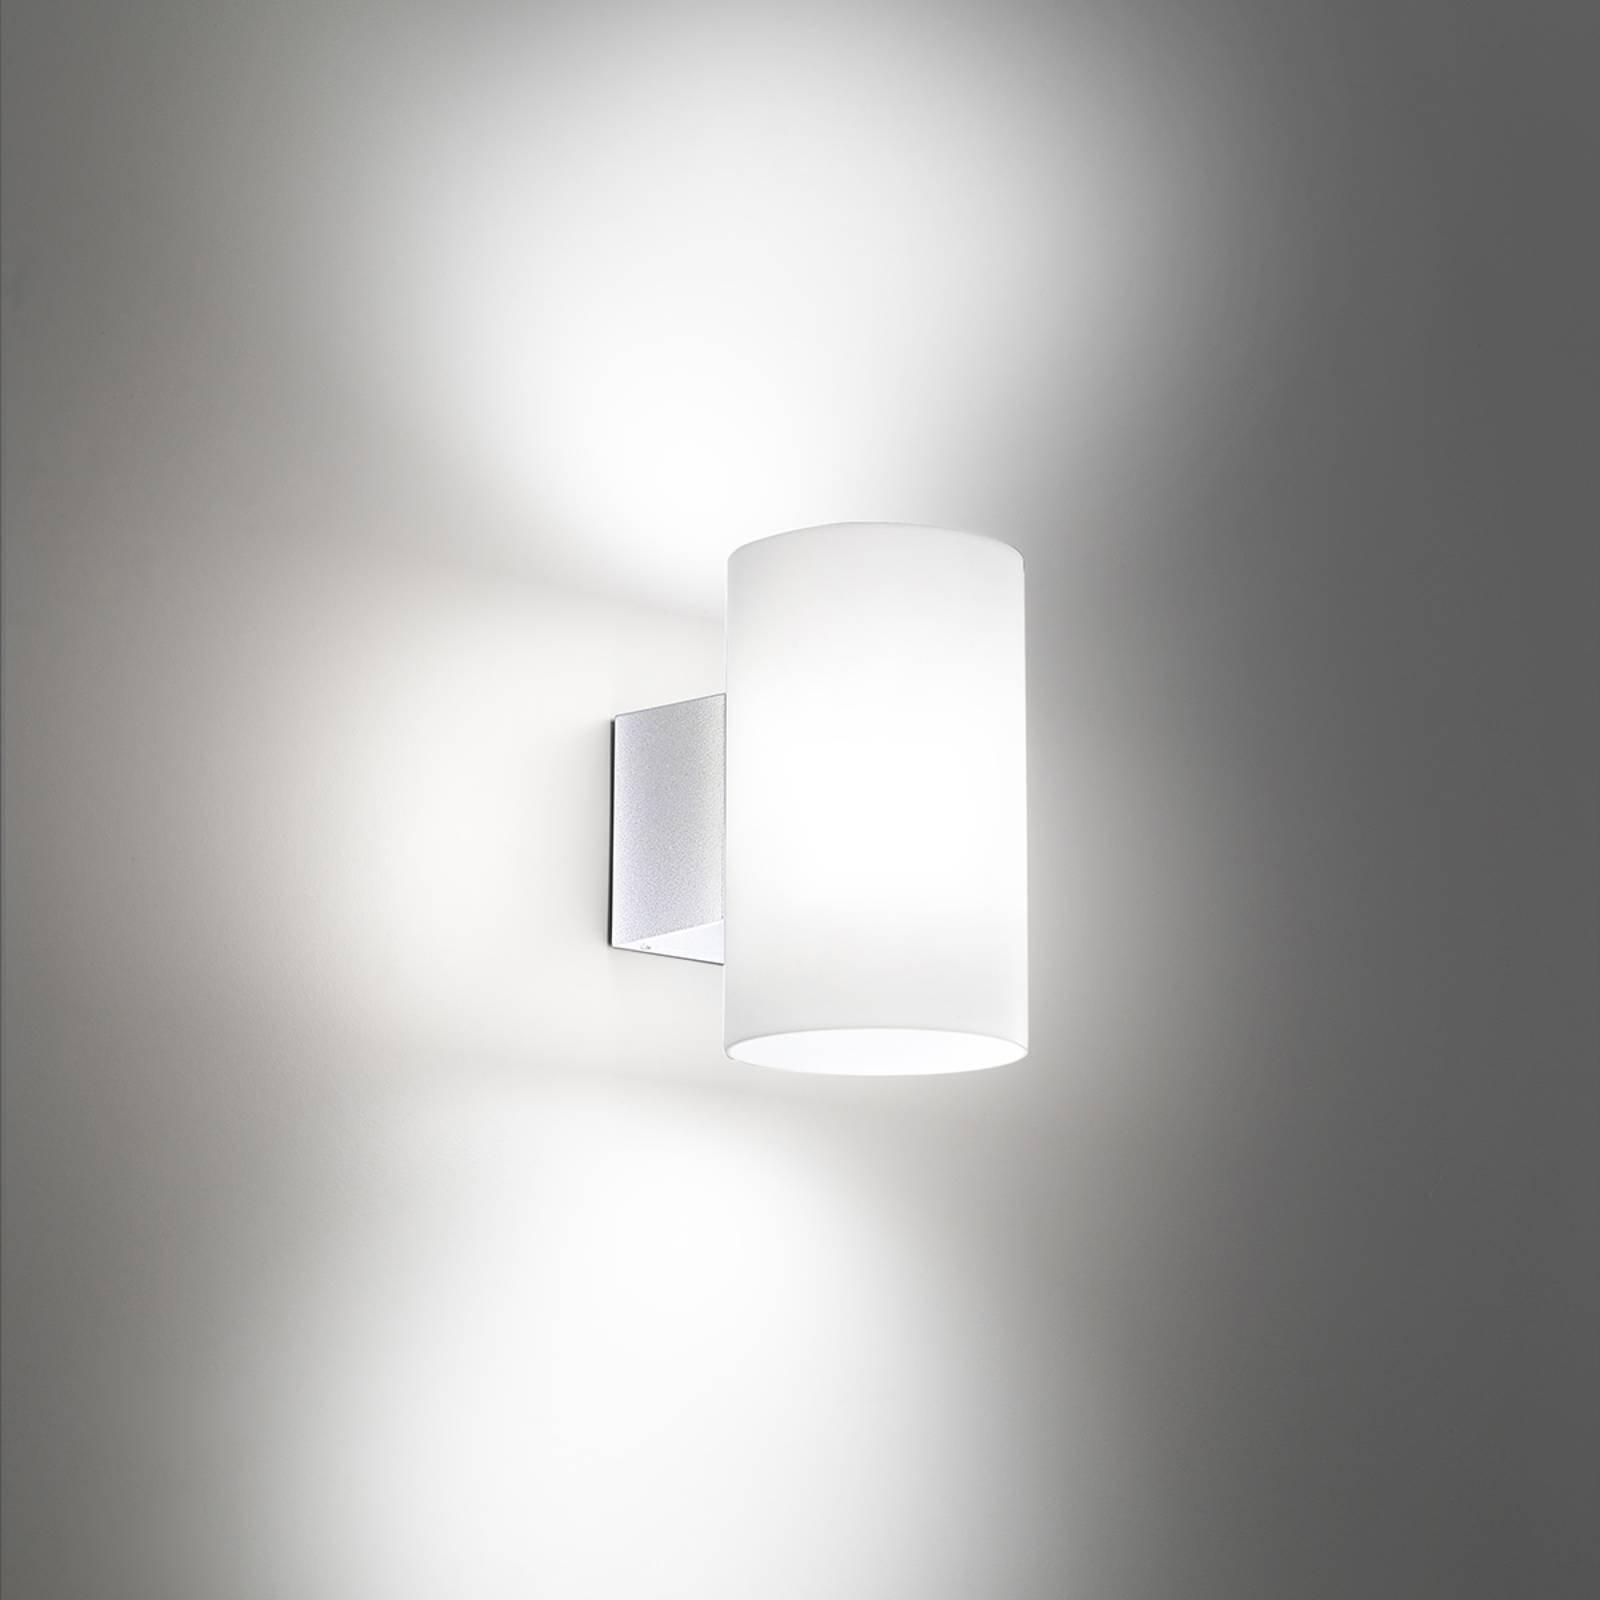 Utendørs LED-vegglampe Bianca i hvit